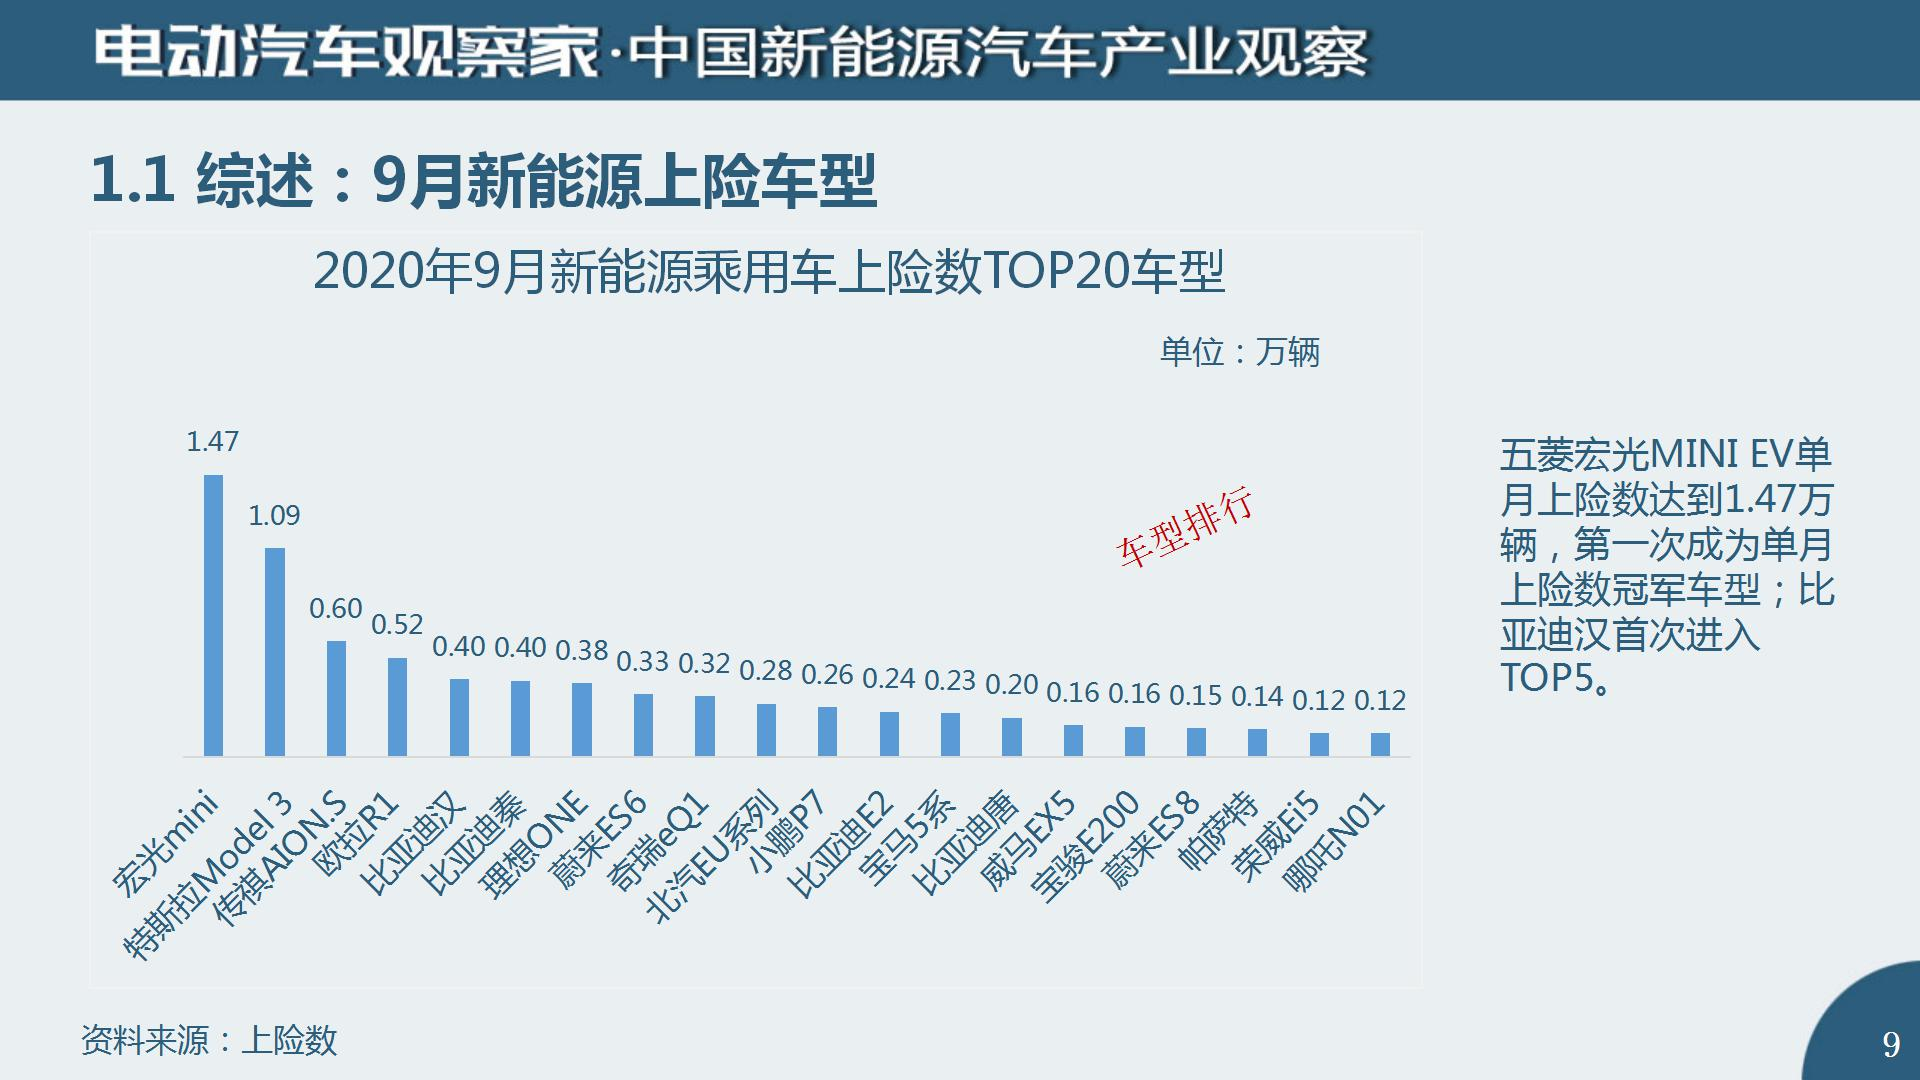 中国新能源汽车产业观察2020年9月(2)_09